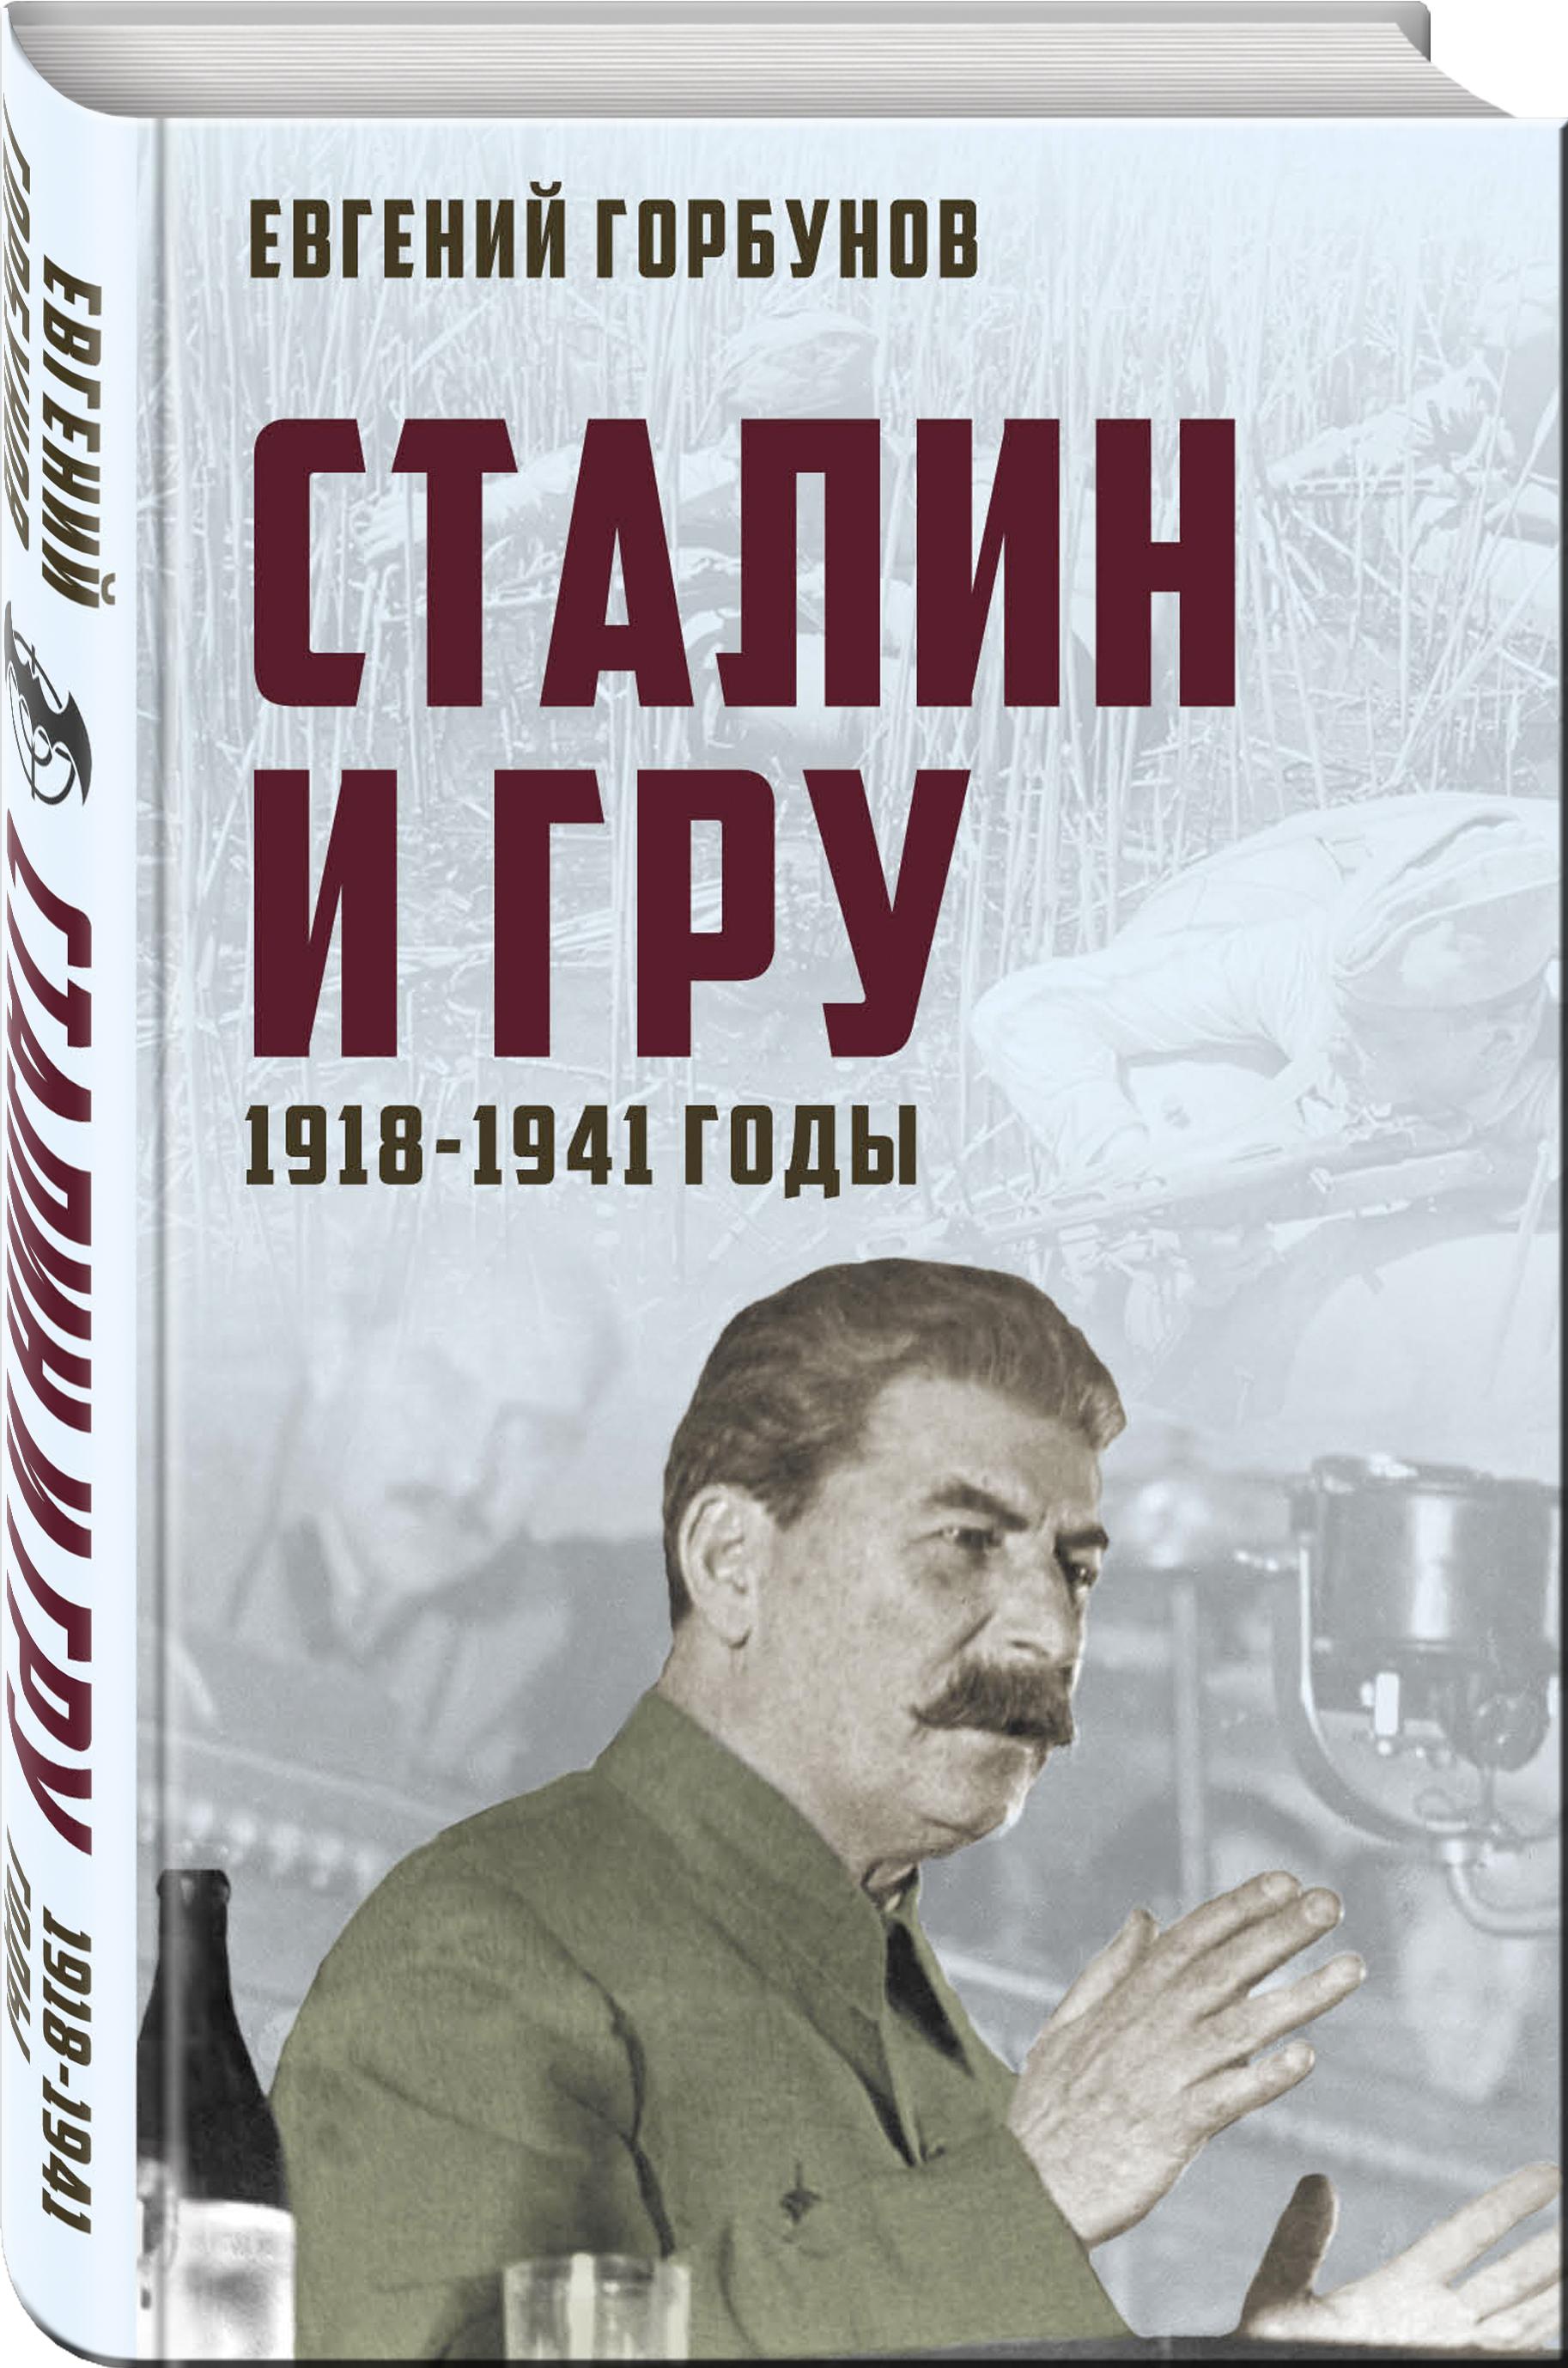 Горбунов Евгений Александрович Сталин и ГРУ. 1918-1941 годы